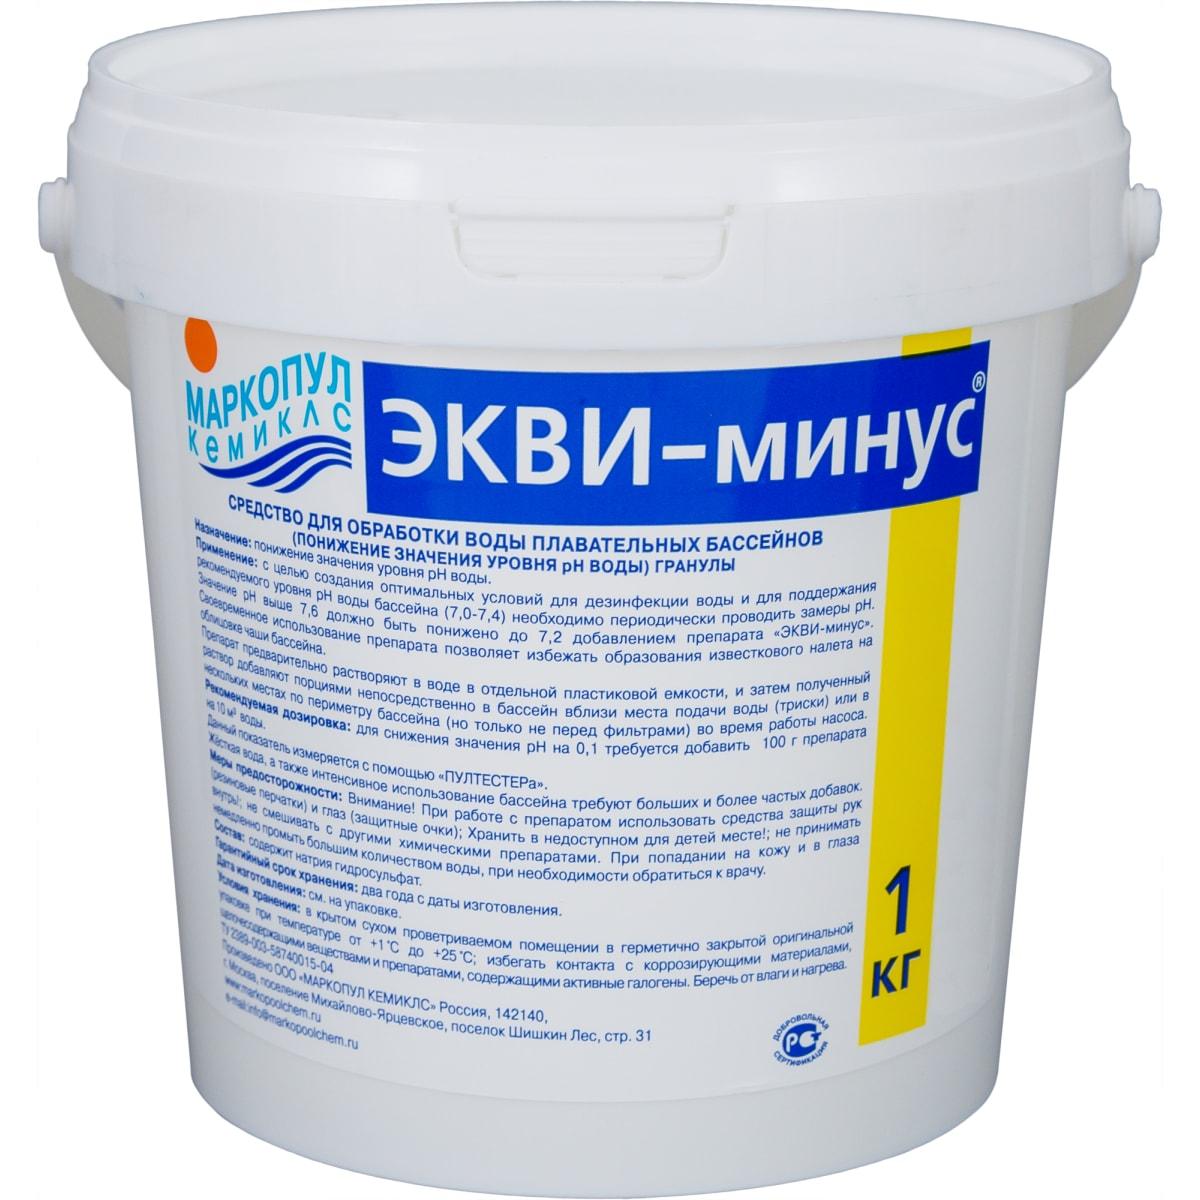 Средство Экви-минус, для понижения рН воды в бассейне